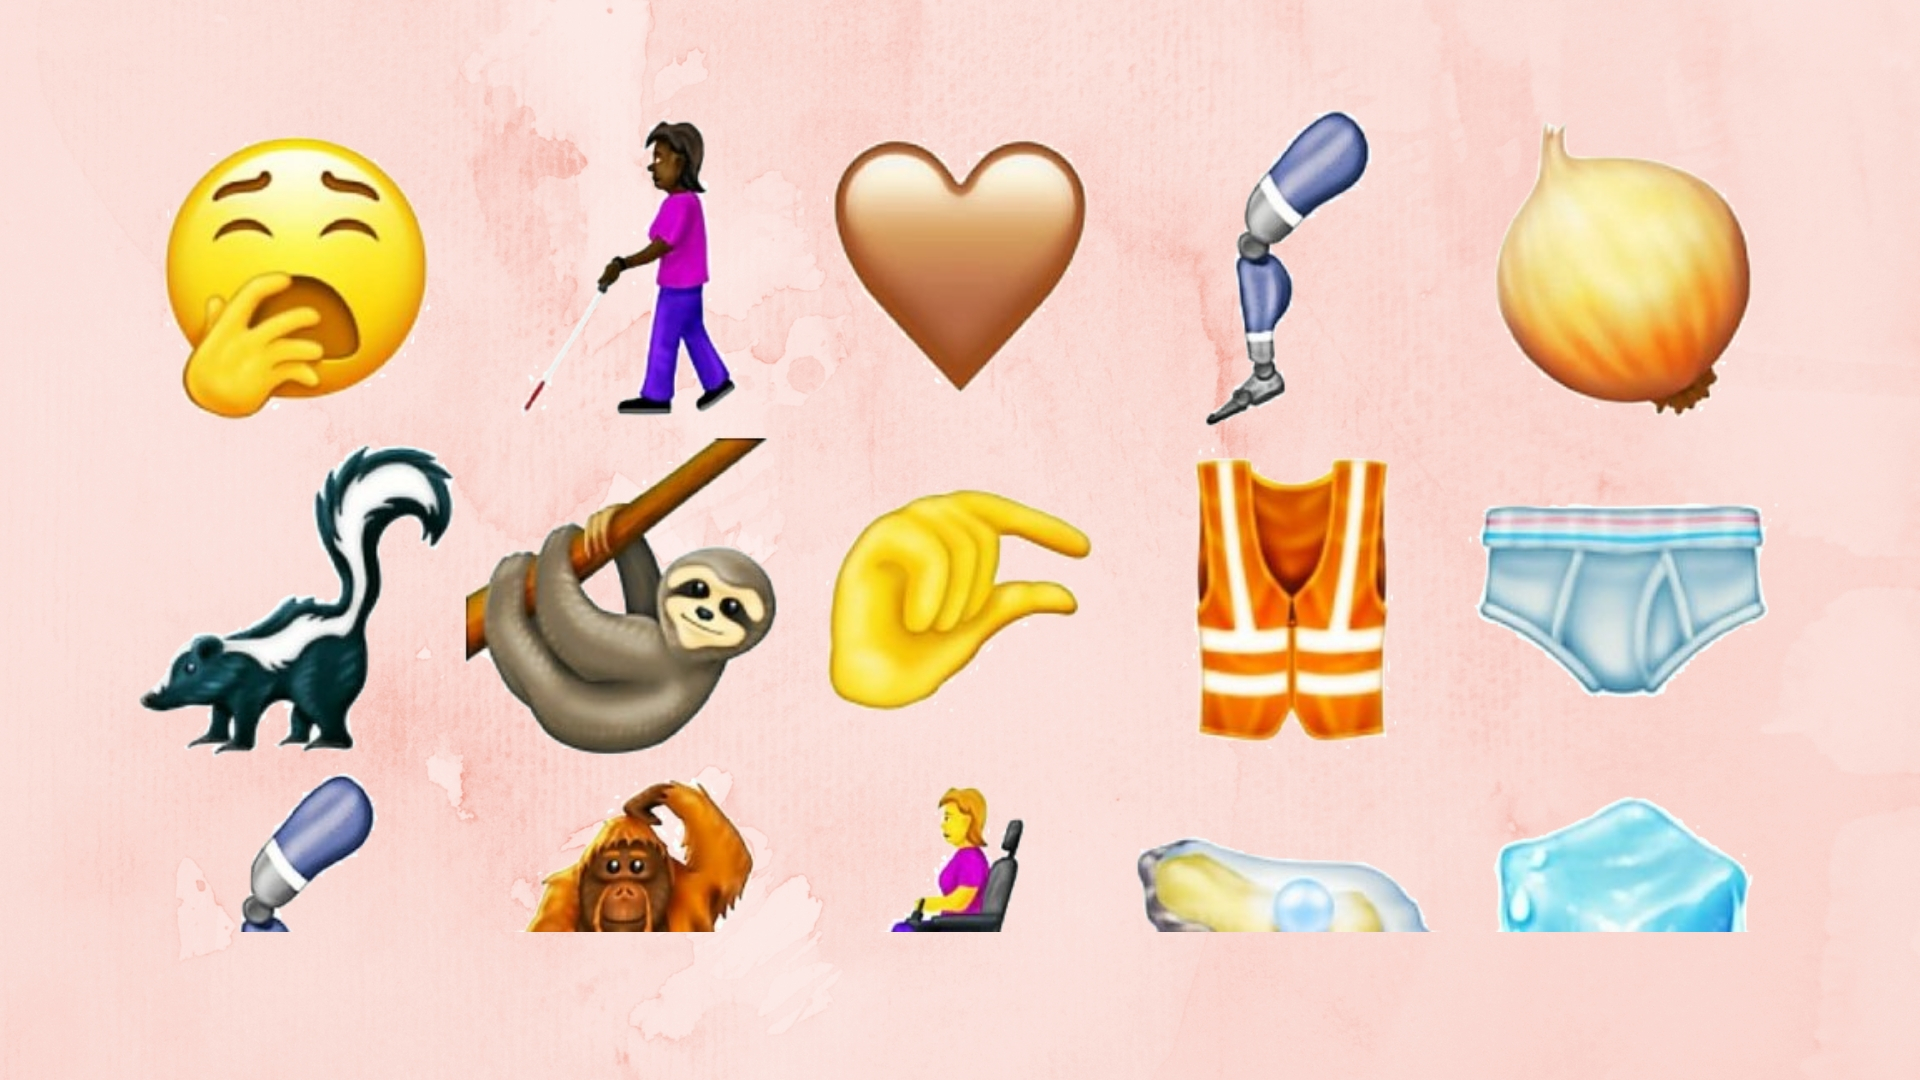 Découvrez ces nouveaux emojis qui font déjà parler d'eux sur Twitter